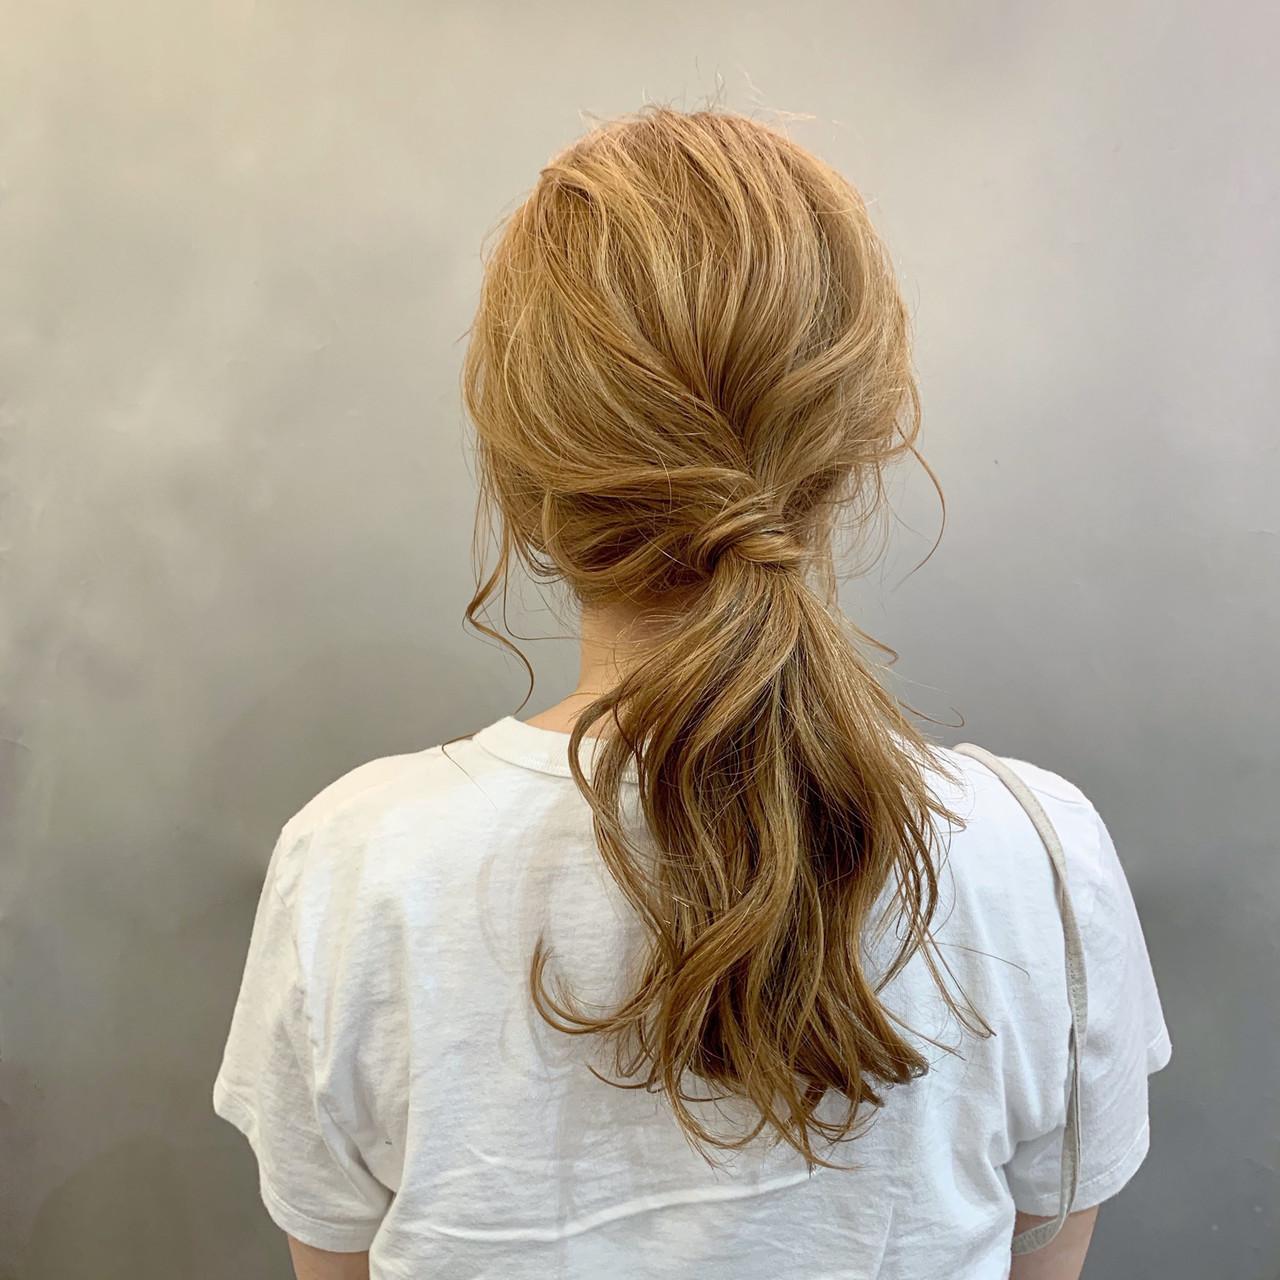 スポーツ アウトドア ナチュラル デート ヘアスタイルや髪型の写真・画像 | 安永怜 / kakimotoarms田園調布